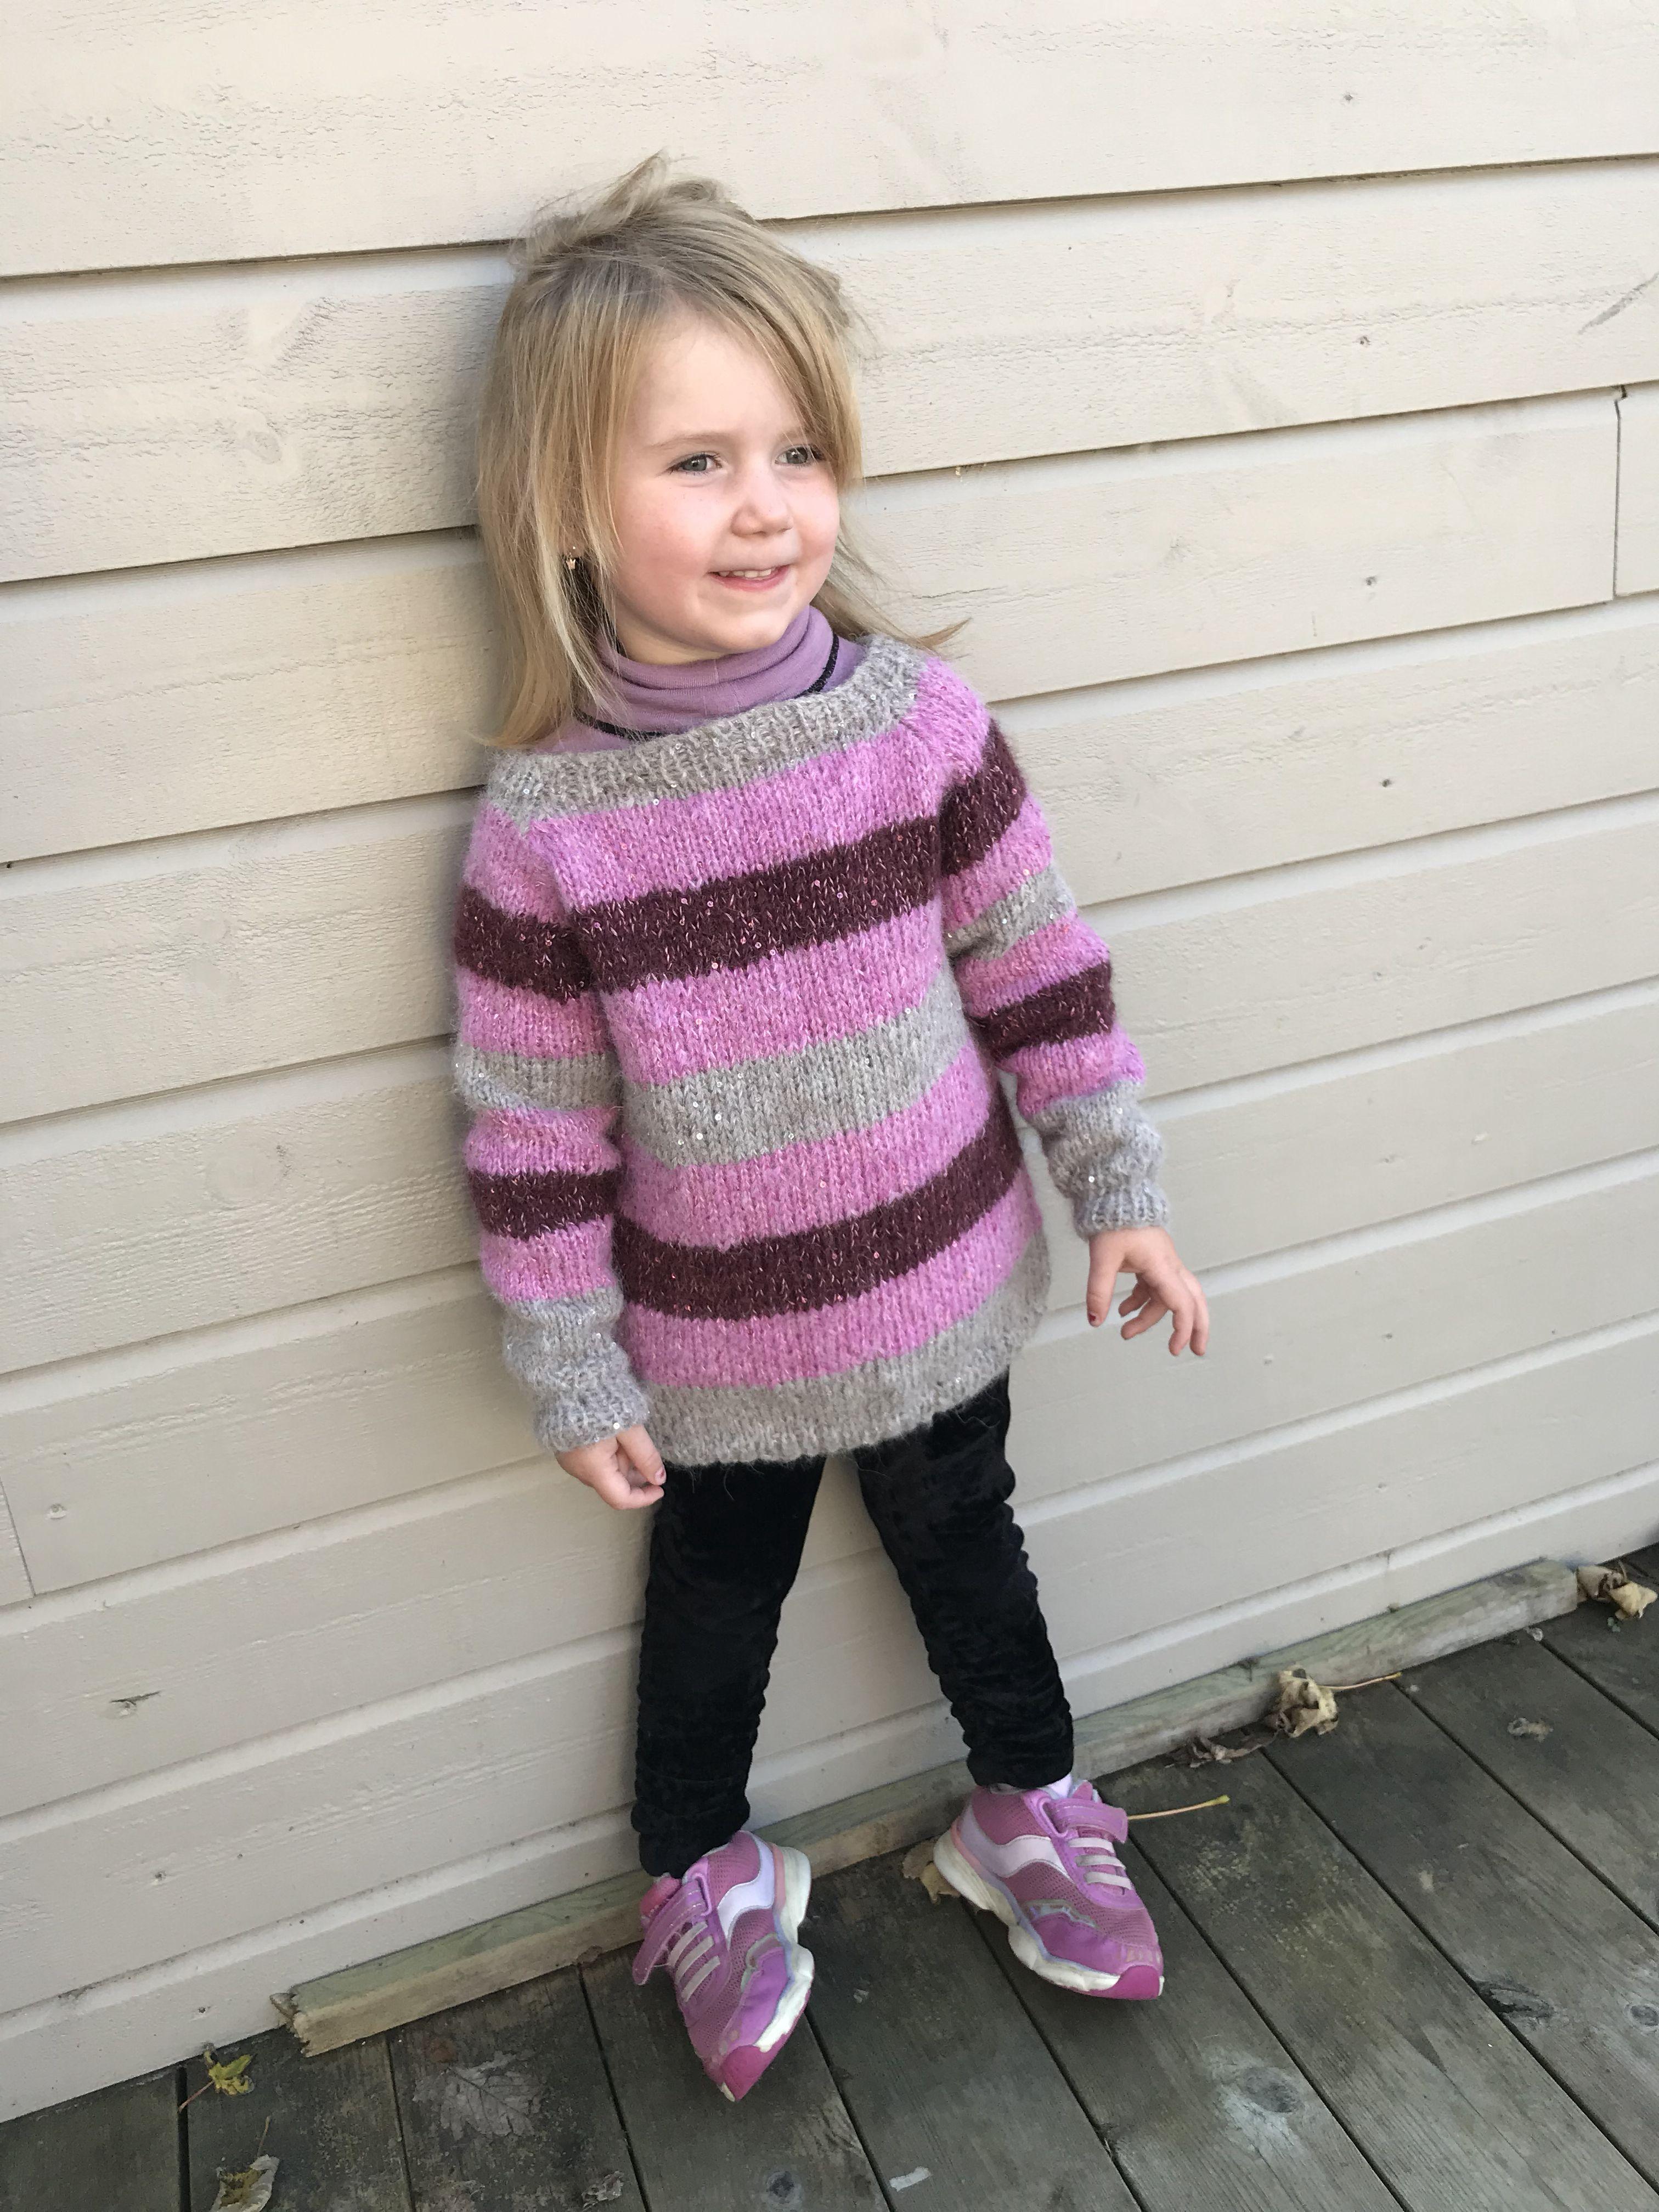 2f5a686b Stripete bling-genser, det må alle prinsesser ha👸 #strikking #strikk #